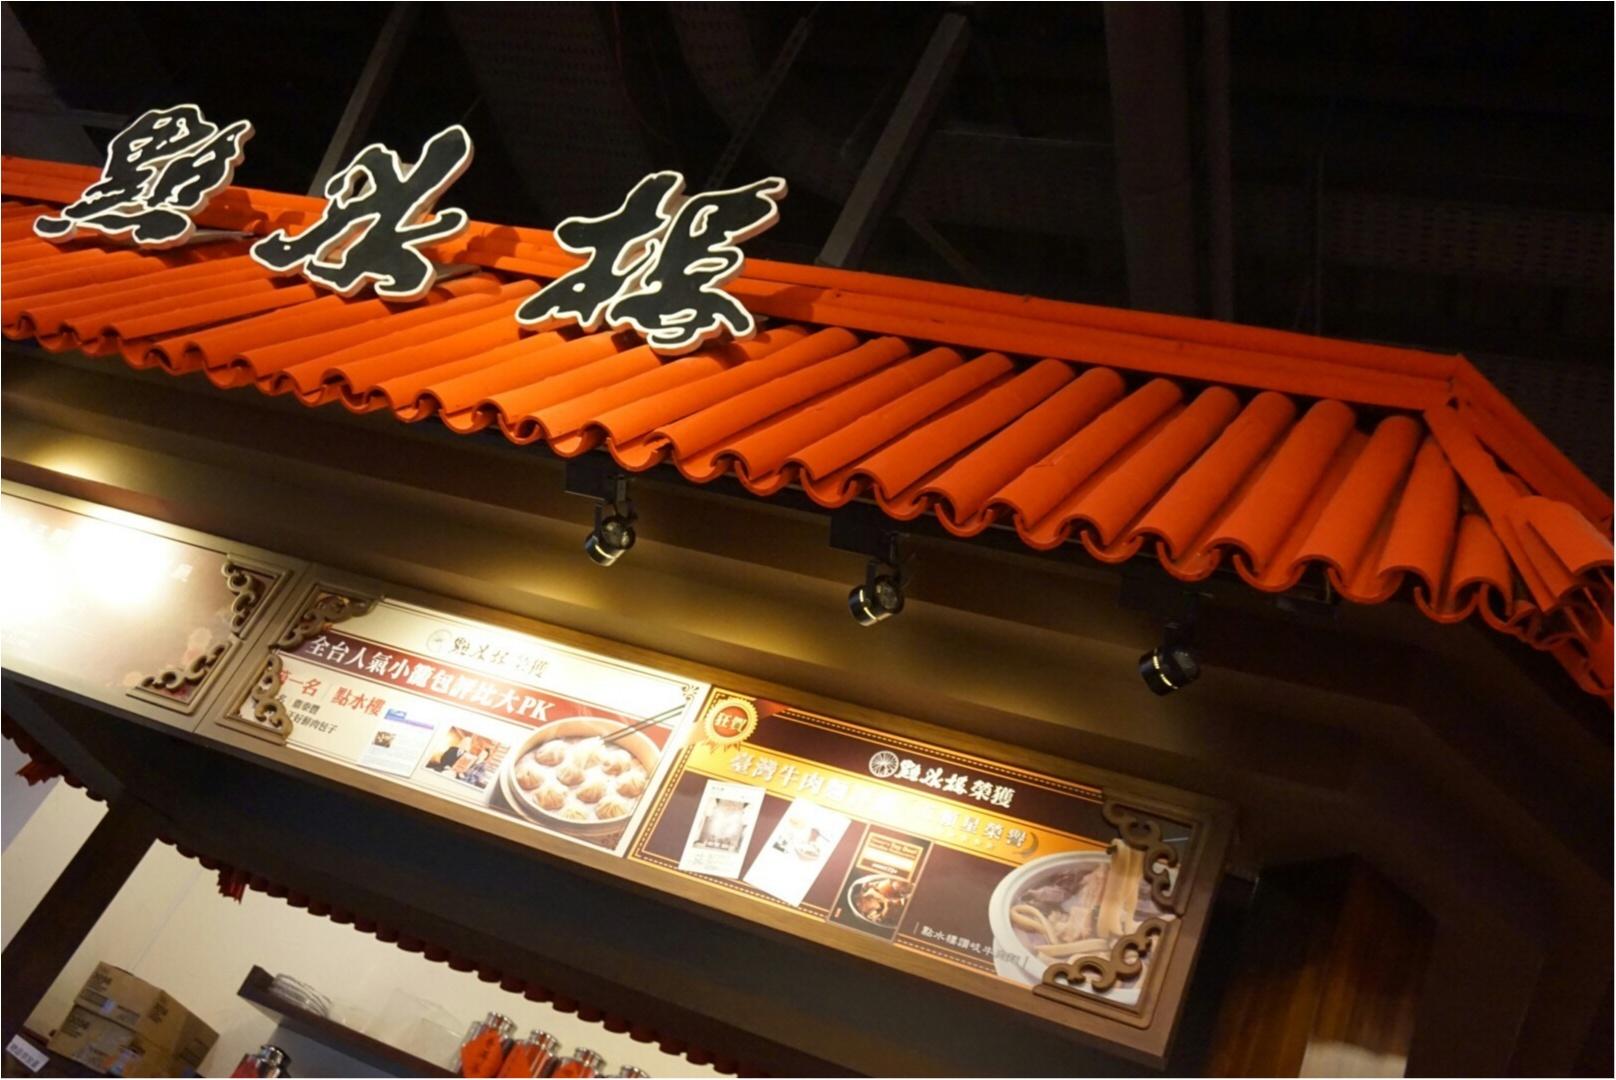 台湾のおしゃれなカフェ&食べ物特集 - 人気のタピオカや小籠包も! 台湾女子旅におすすめのグルメ情報まとめ_64